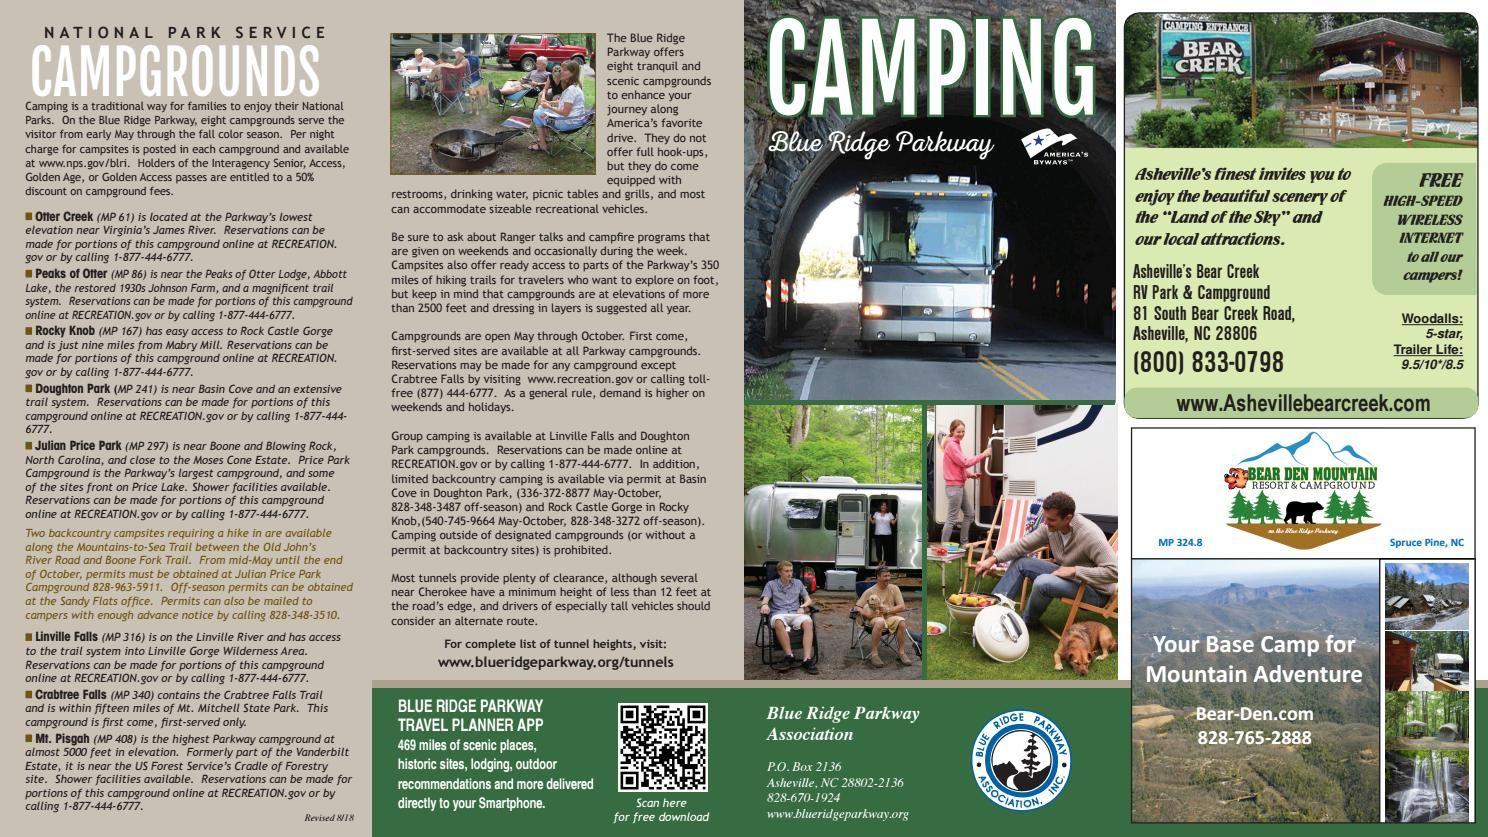 Camping Blue Ridge Parkway